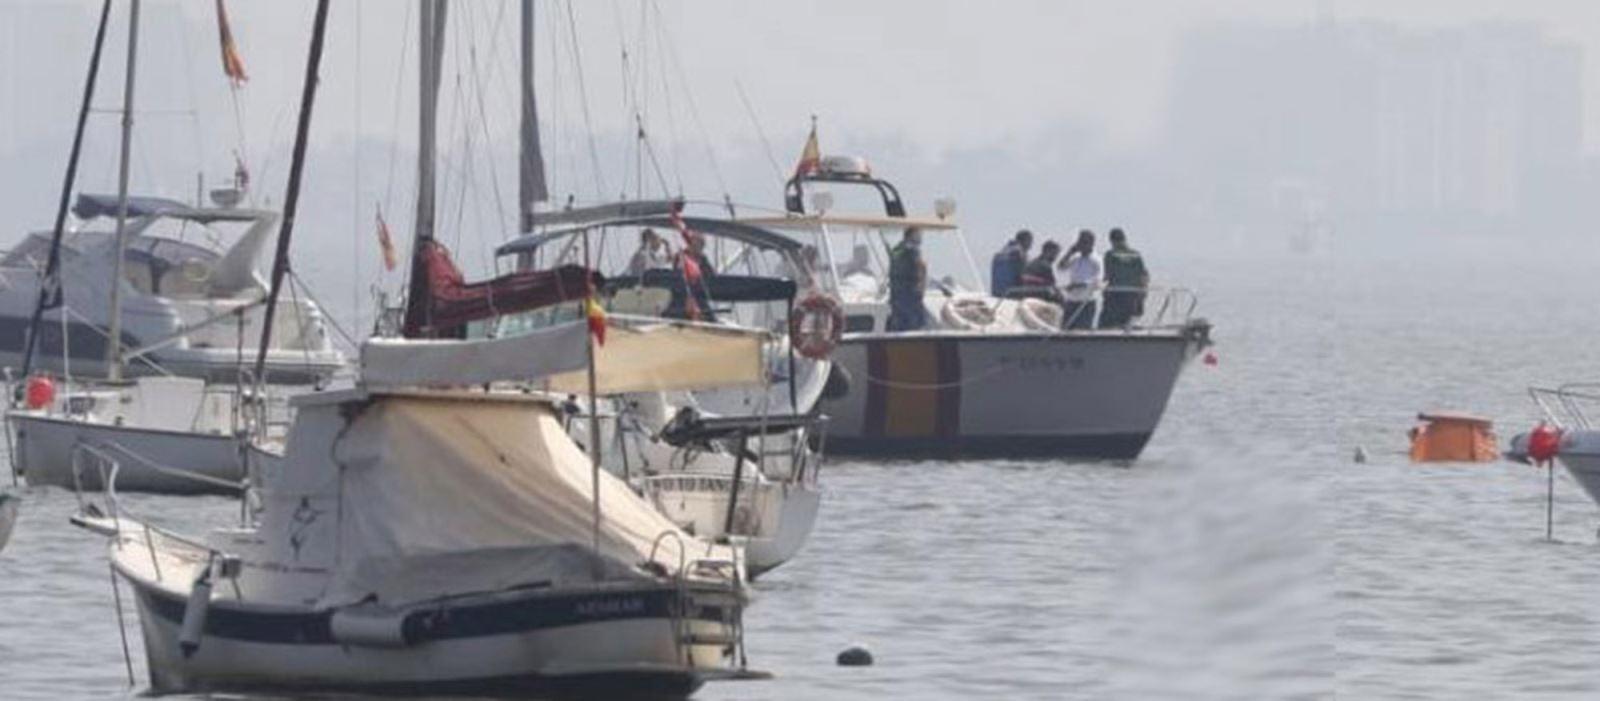 Máy bay quân sự rơi xuống biển làm 2 người thiệt mạng